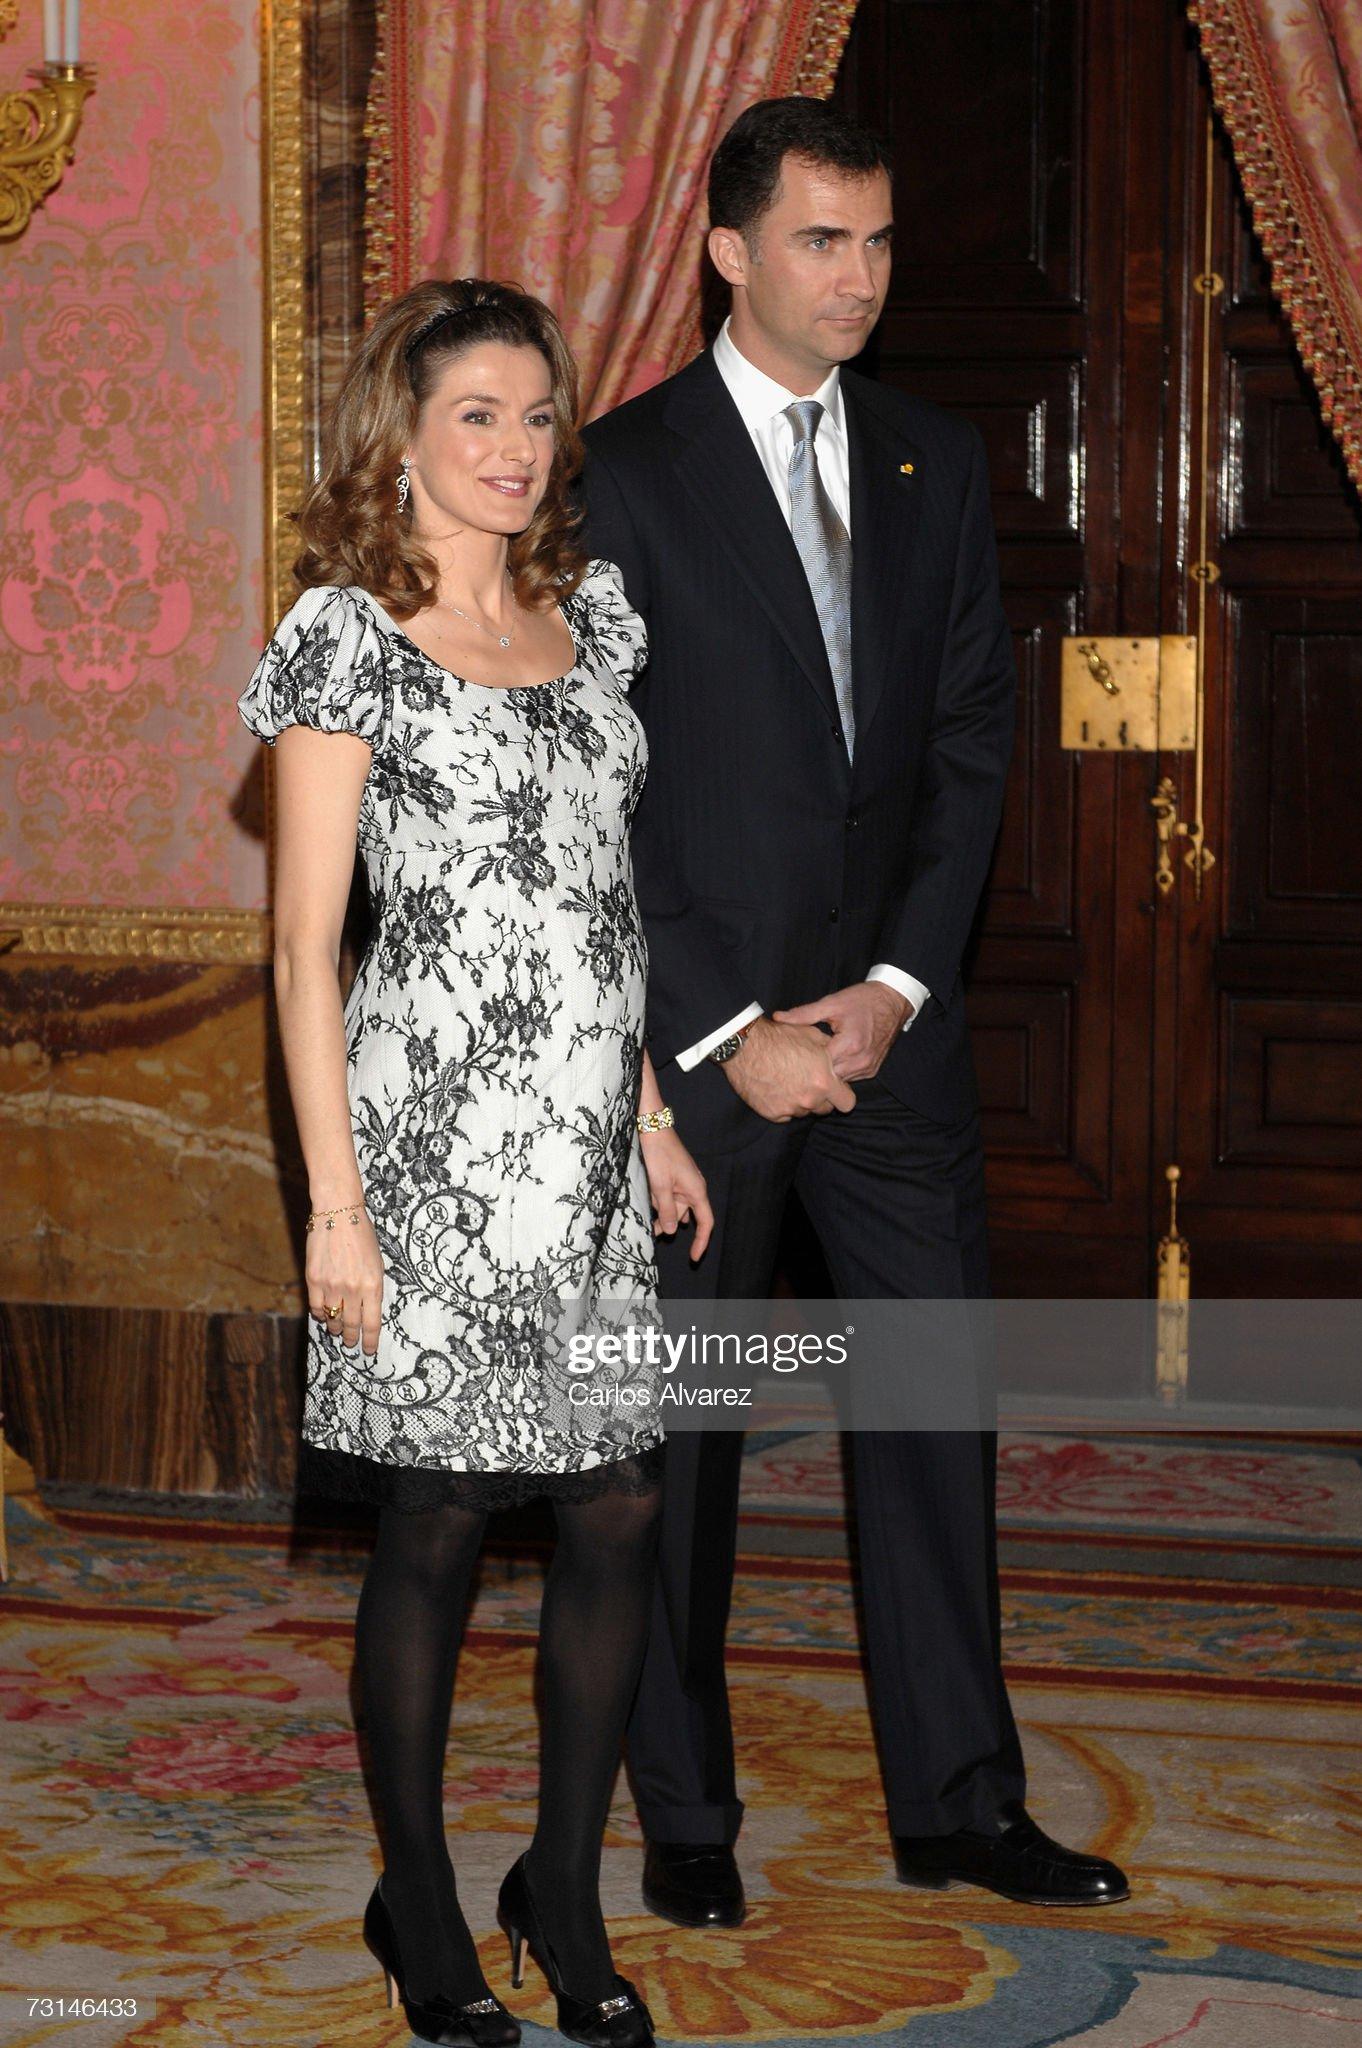 Вечерние наряды Королевы Летиции Spanish Royals Receive Mexican President Felipe Calderon : News Photo